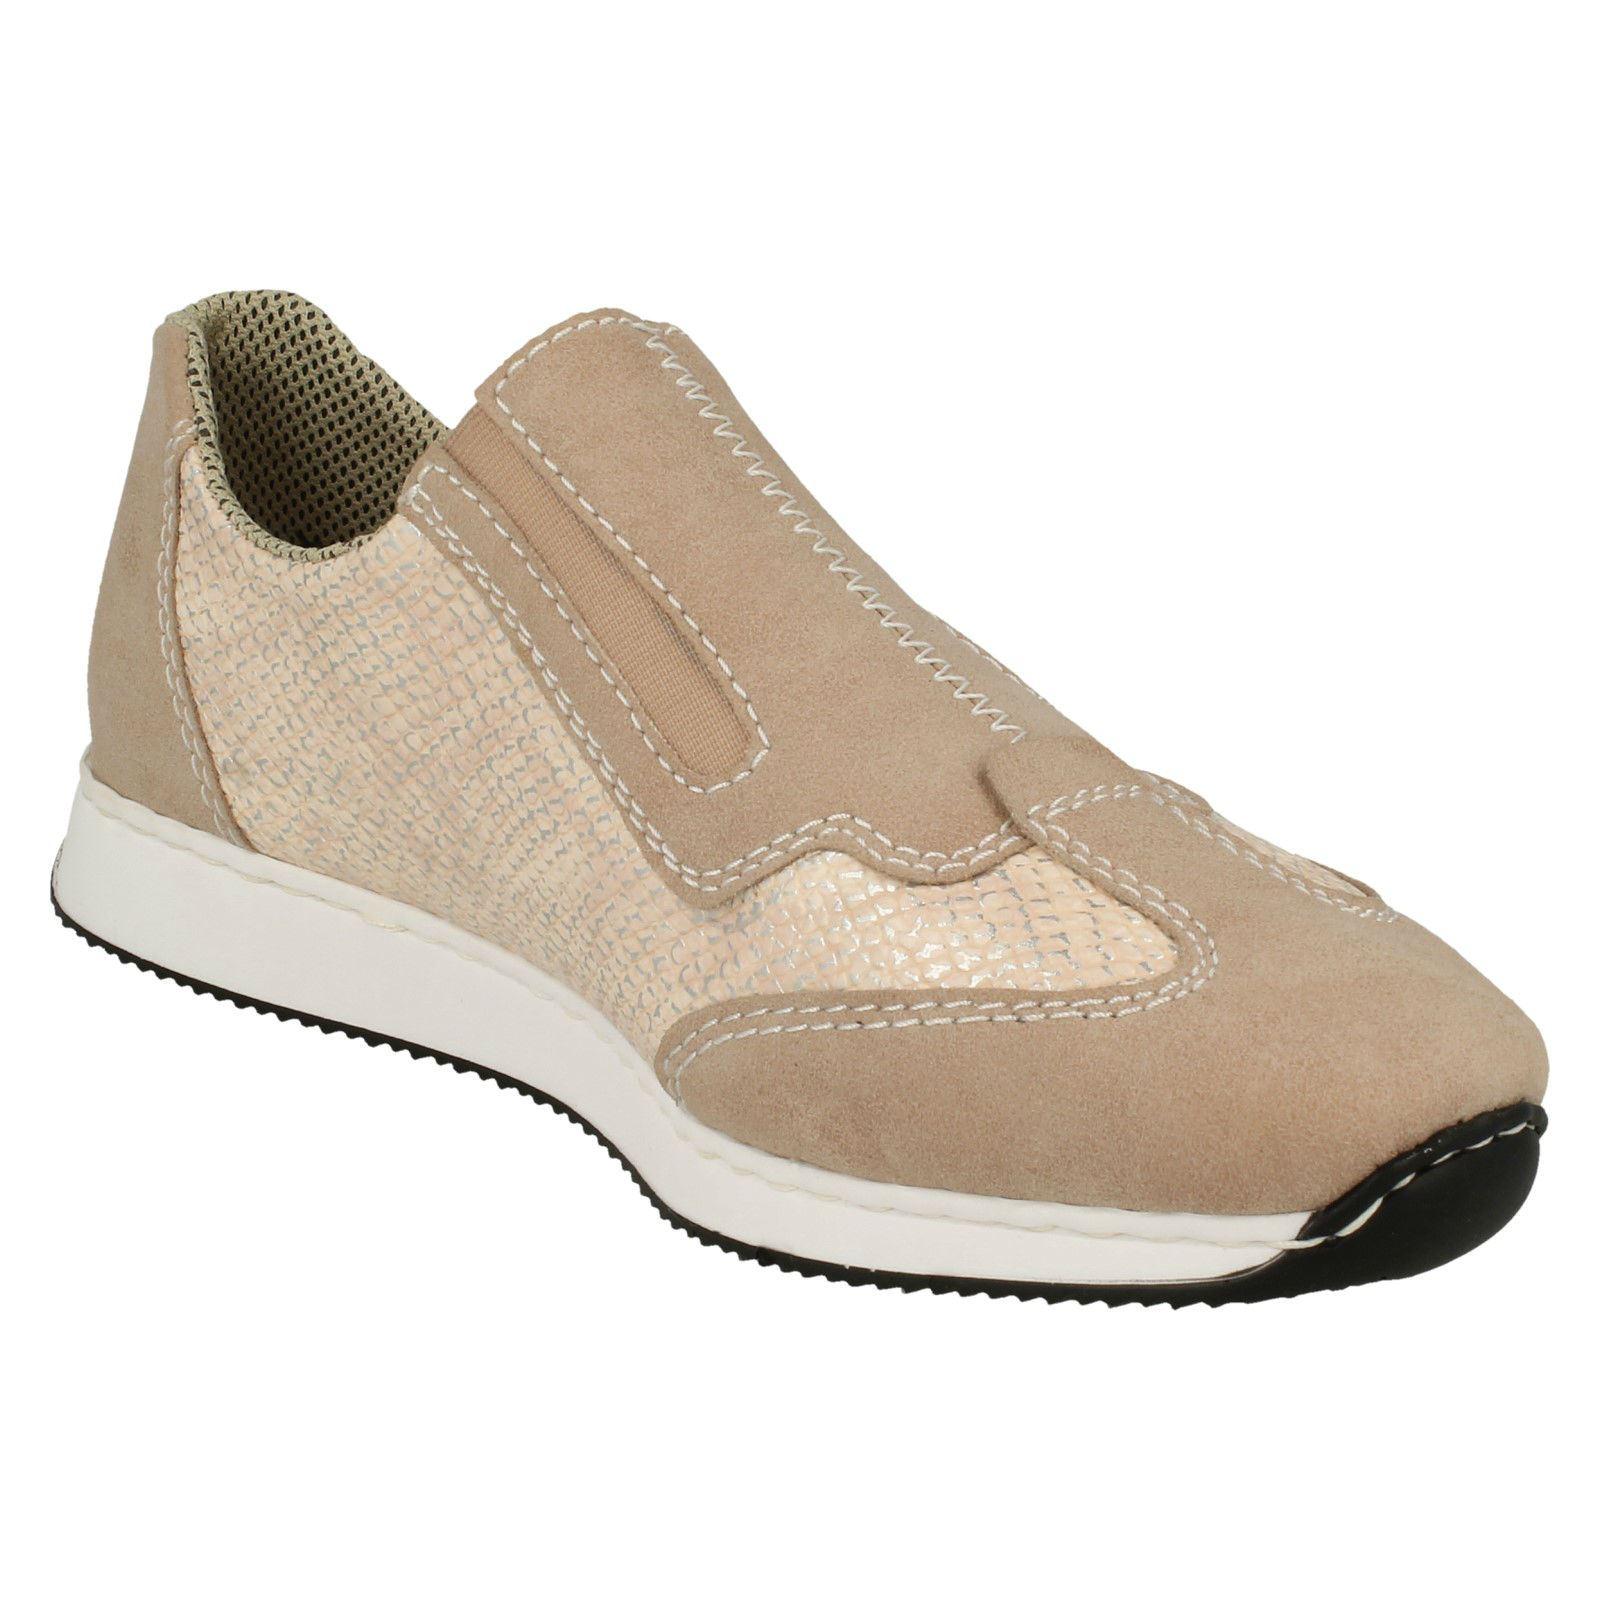 Femmes Rieker Baskets Décontractées Style 56060 Chaussures 56060 Style 942013